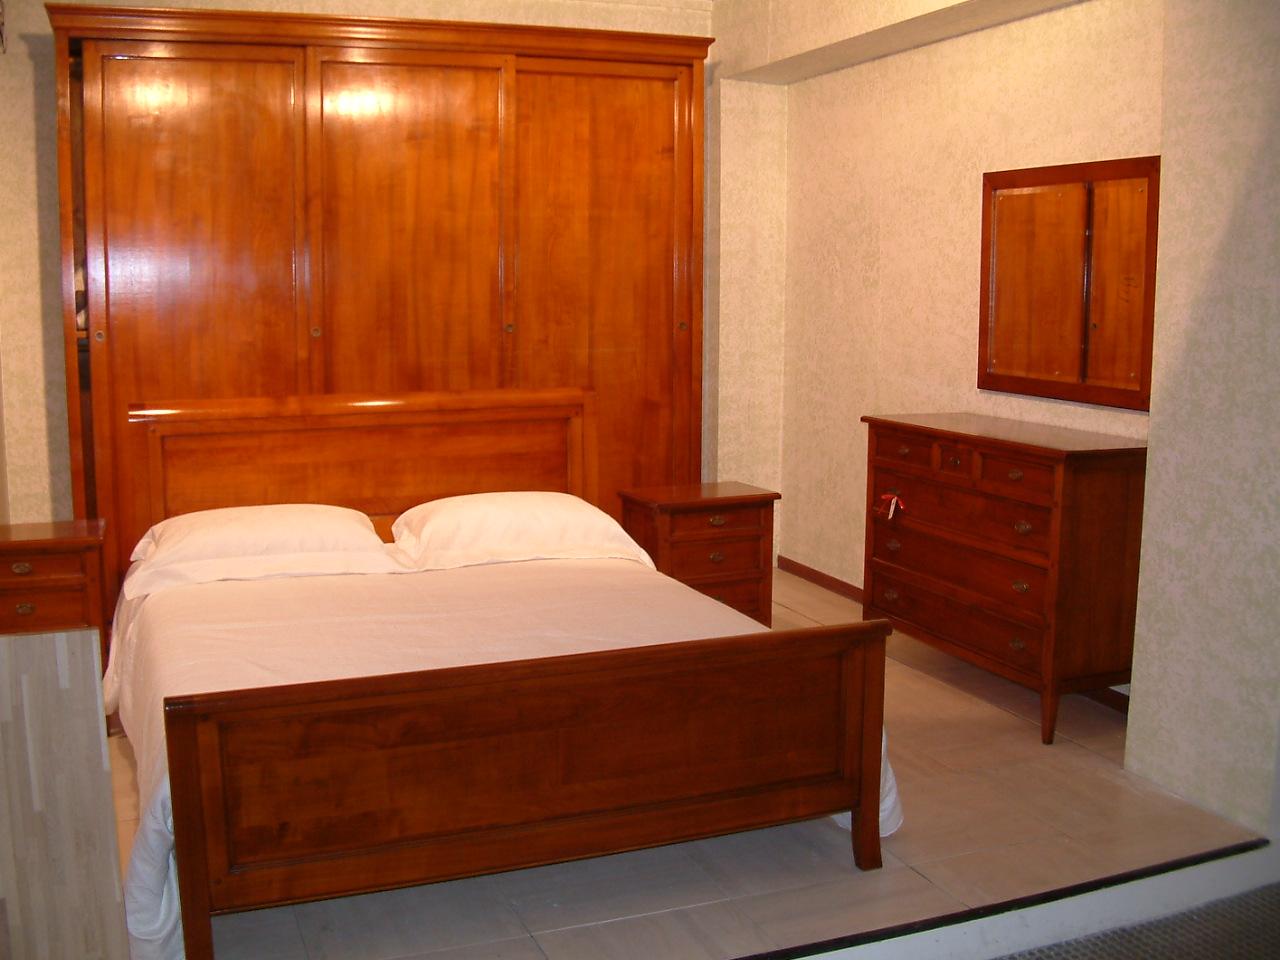 Luben camere da letto - Camere da letto modernissime ...